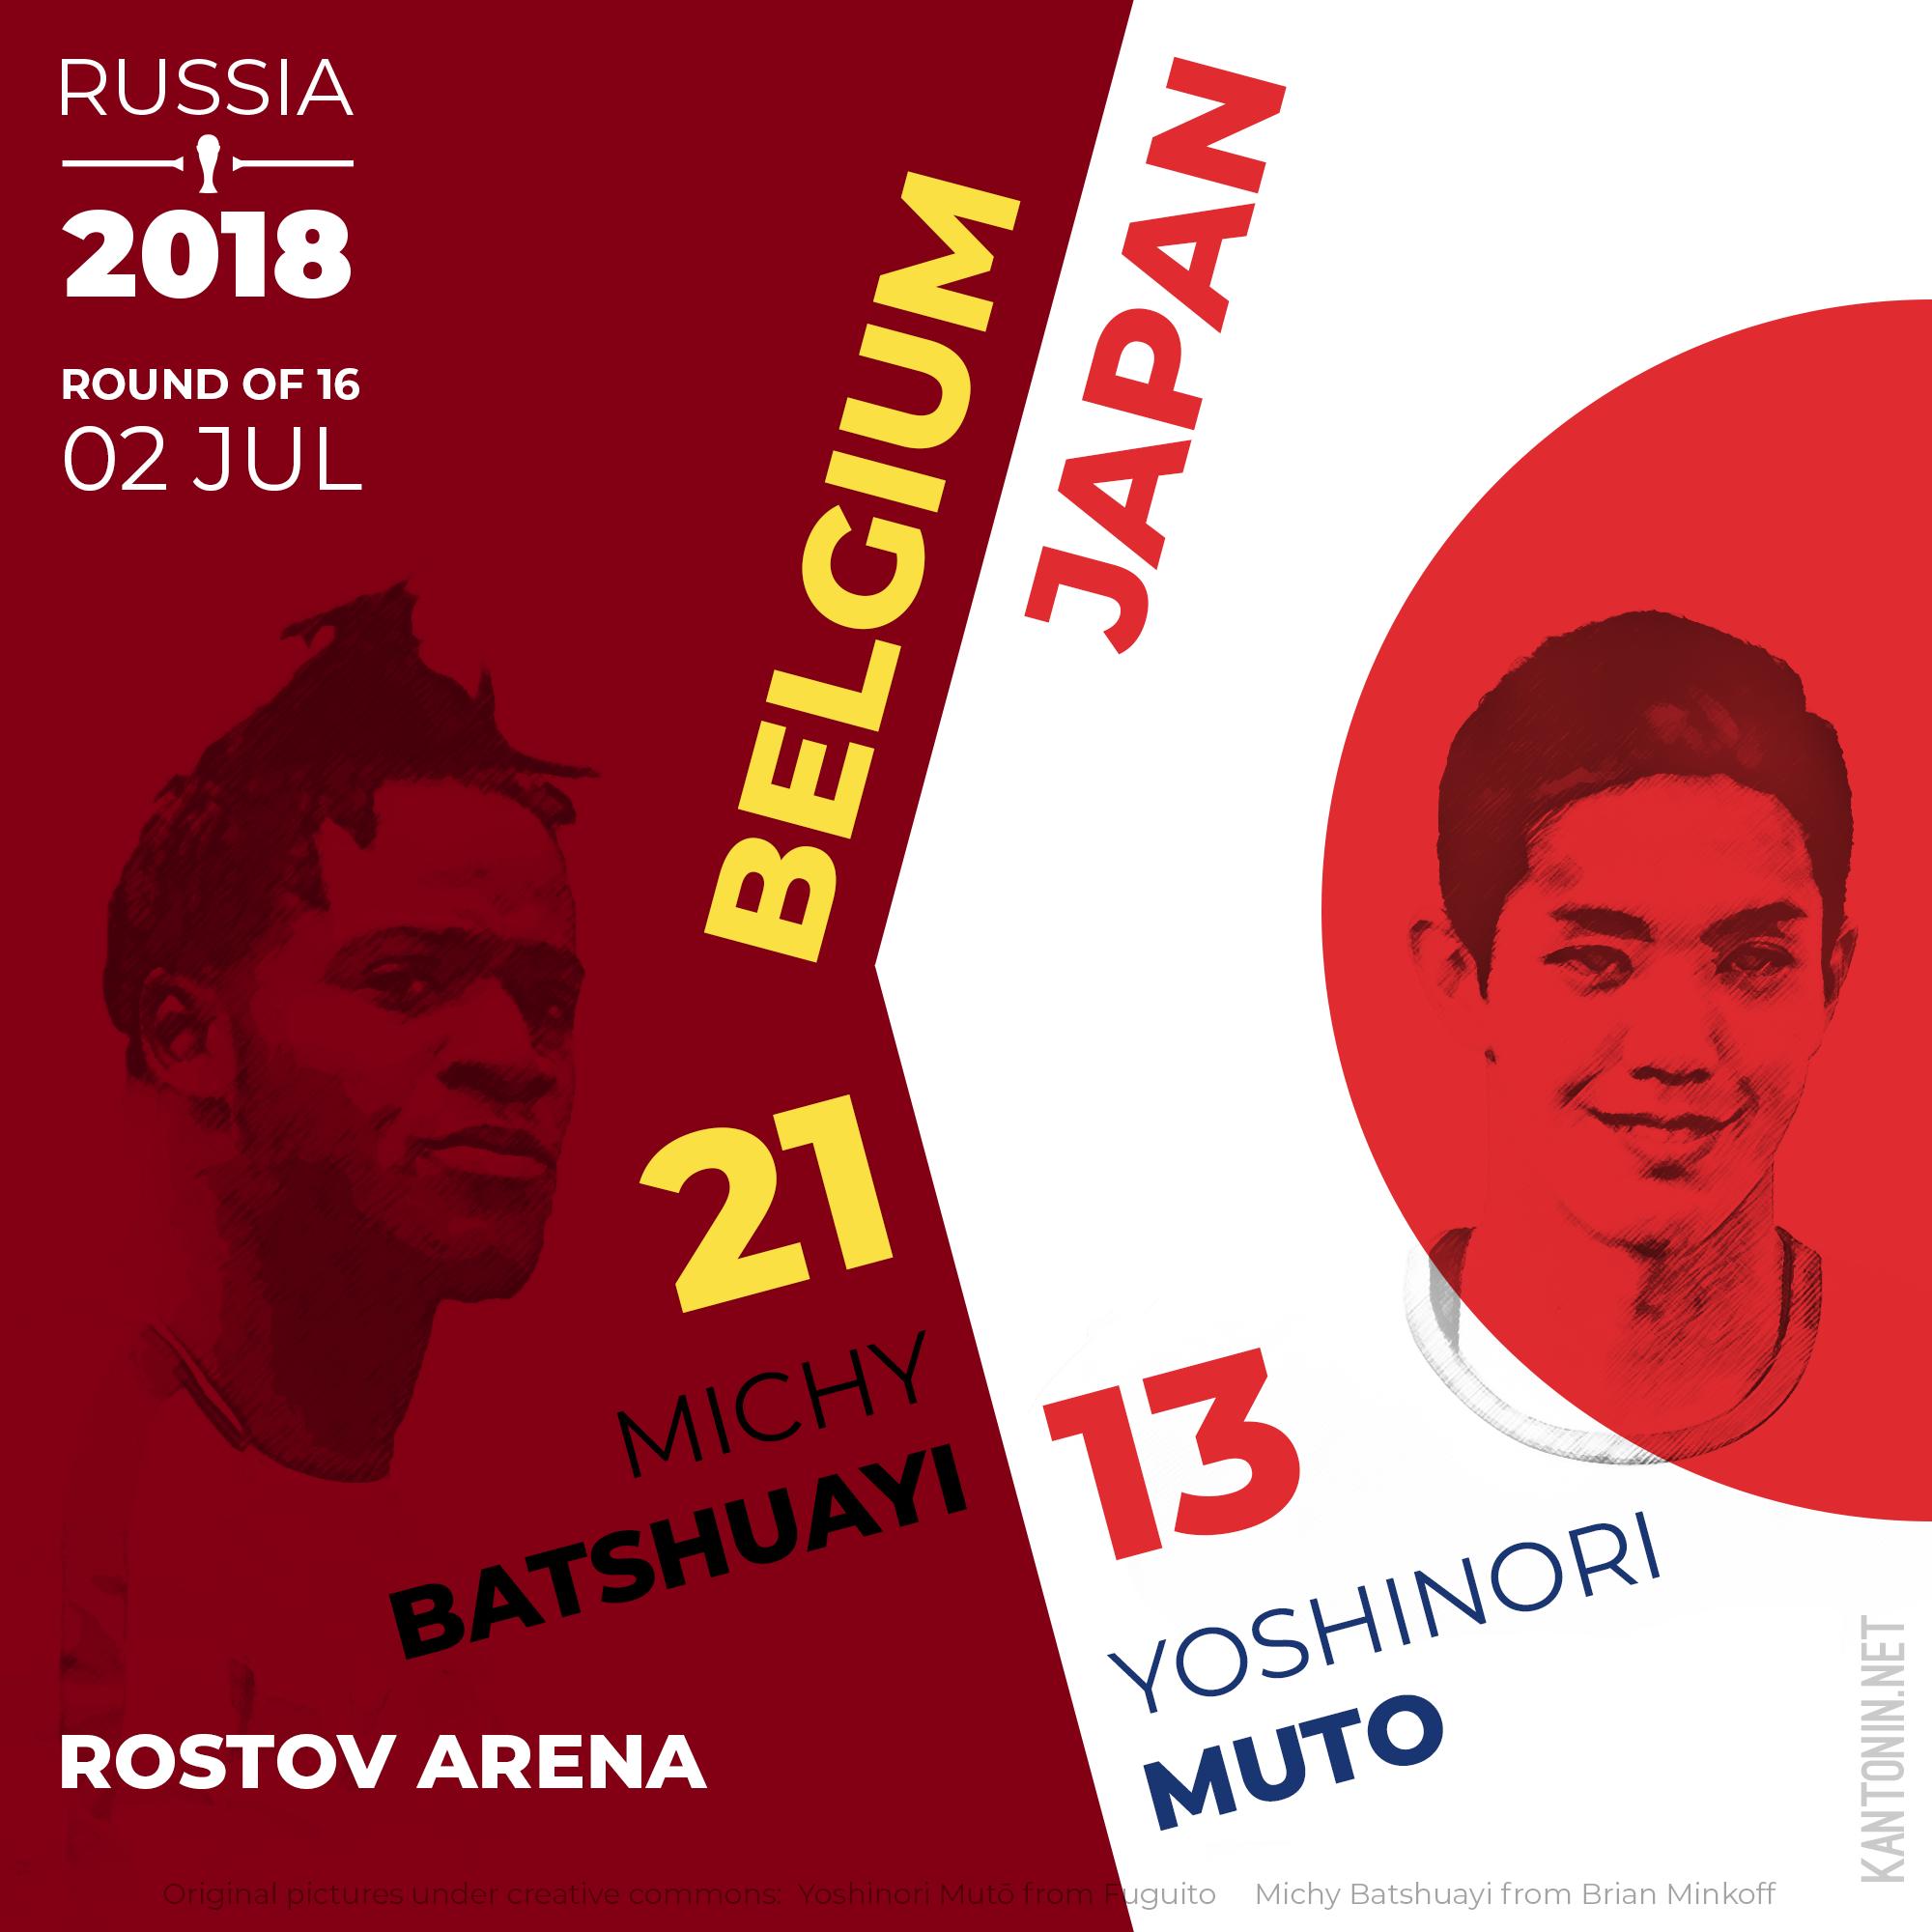 belgium-japan_russia2018_Antonin-Kaminski